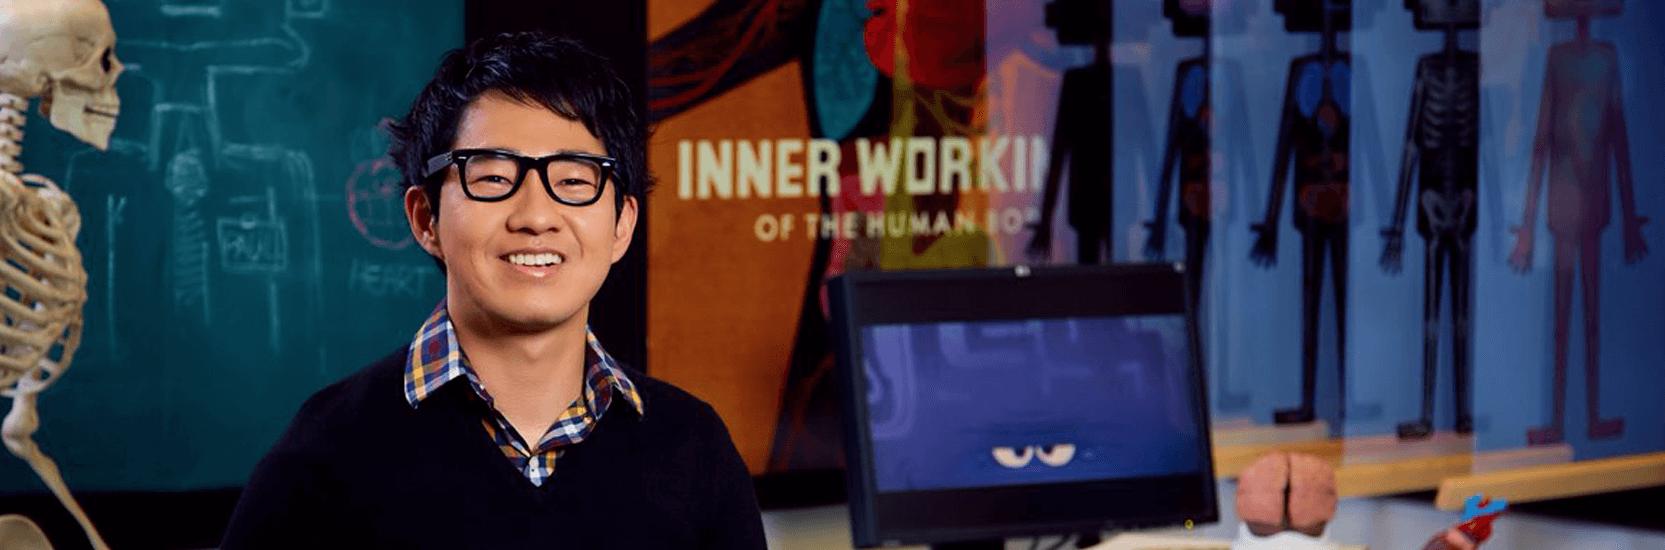 Leo Matsuda de retour avec 2 projets chez Dreamworks Animation !